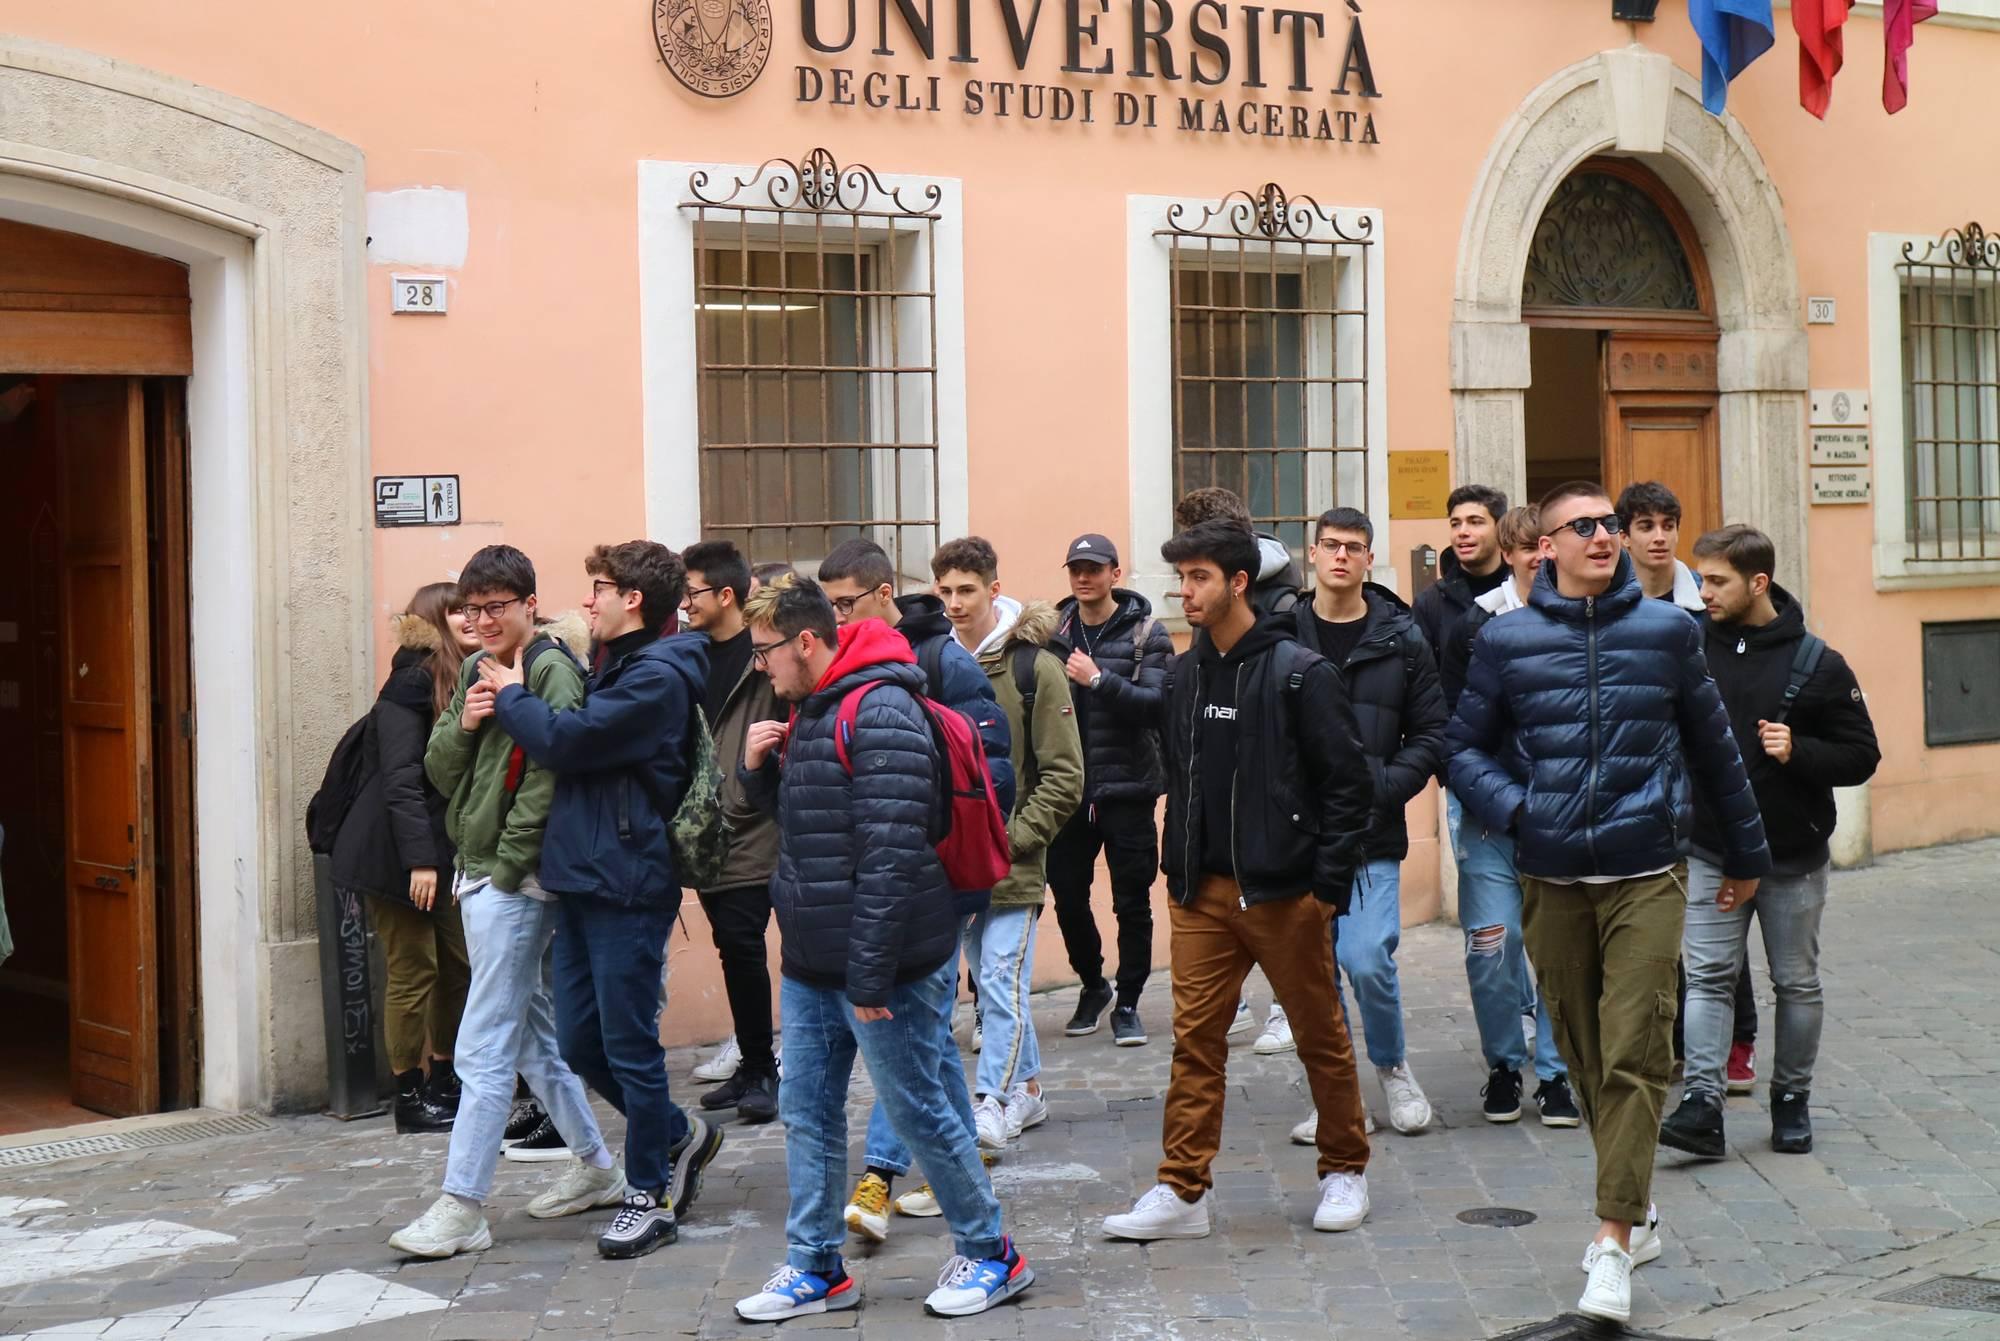 Salone di orientamento UniMC, primo giorno con 400 studenti